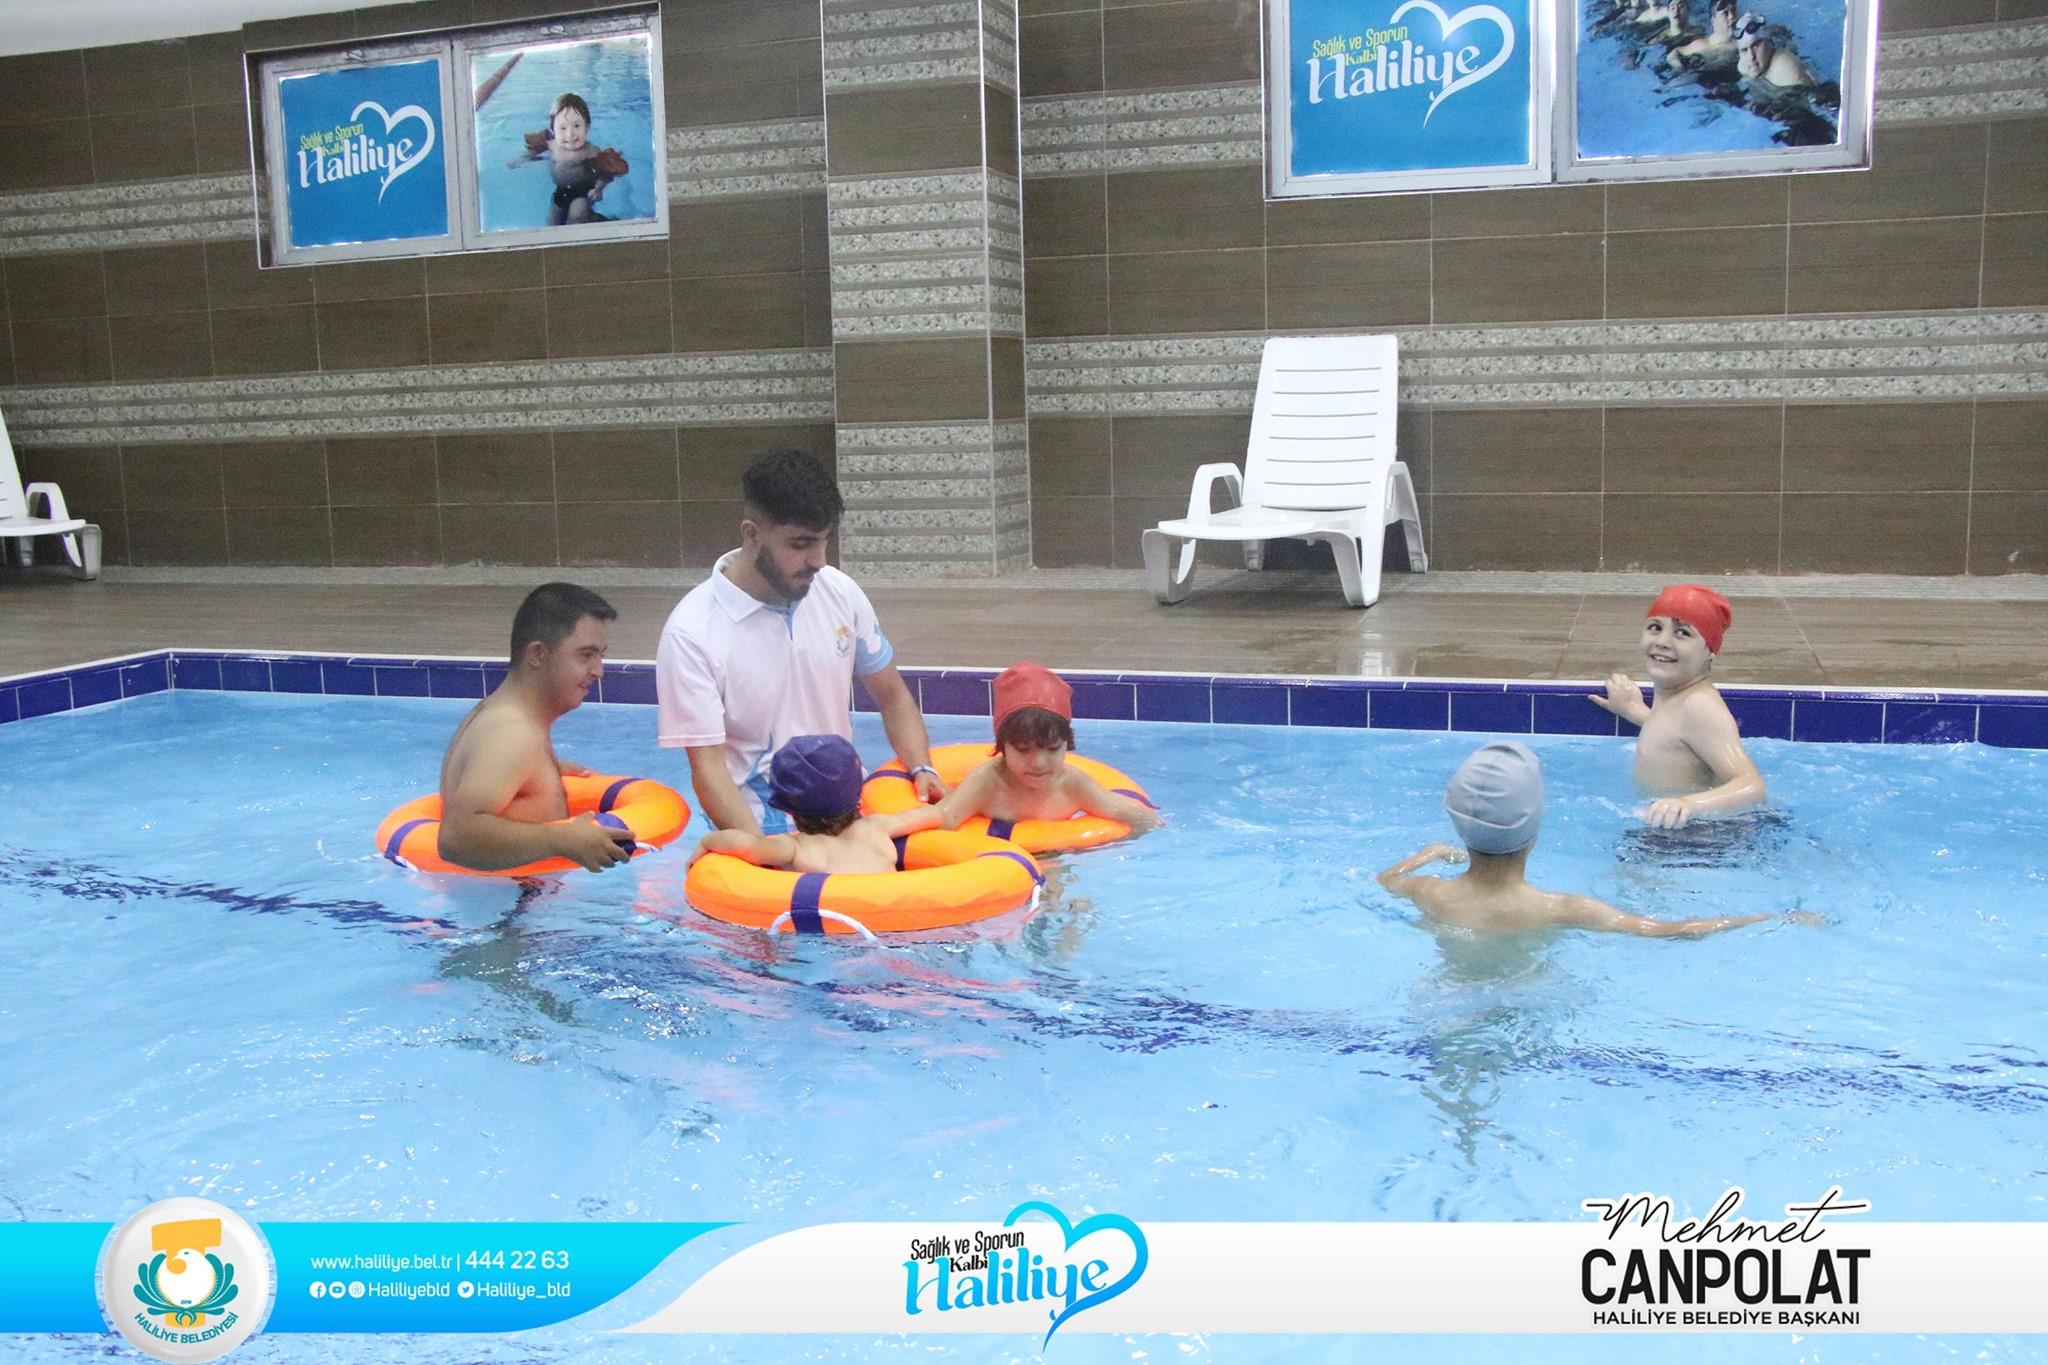 Bir 3 kişi, çocuk, ayakta duran insanlar ve havuz görseli olabilir